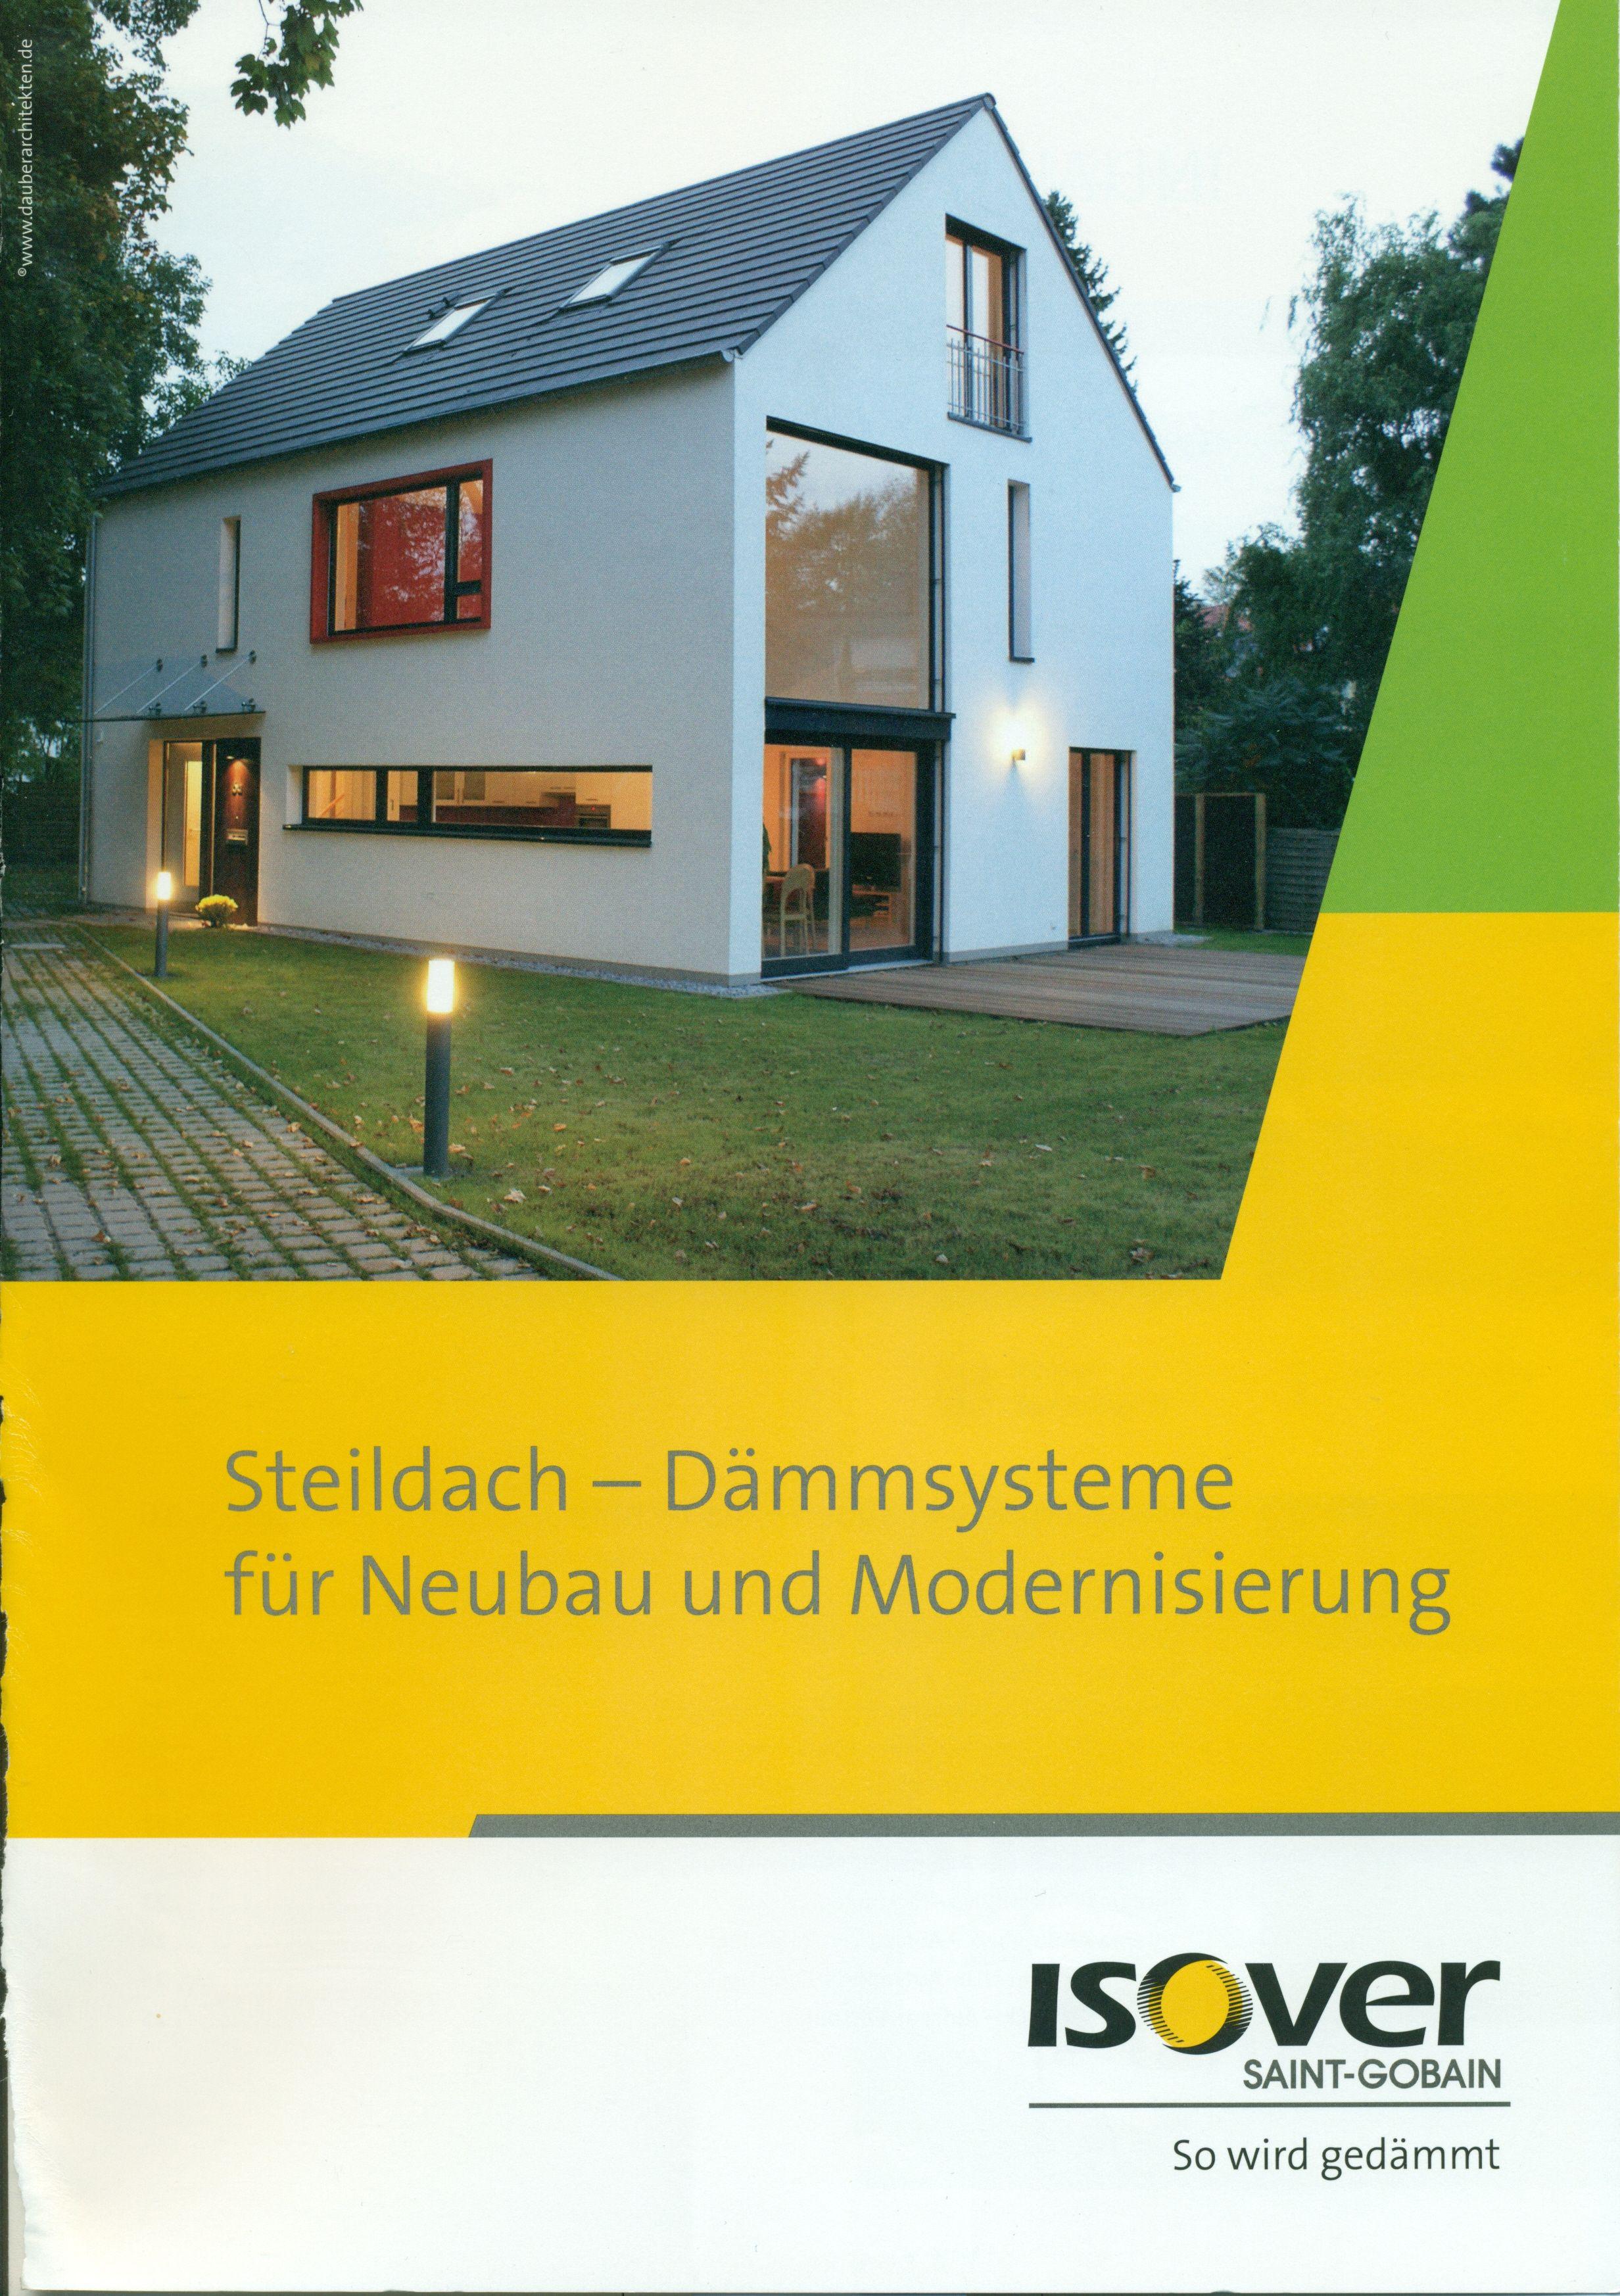 fenster | architecture | Pinterest | Fenster, Satteldach und Hausanbau